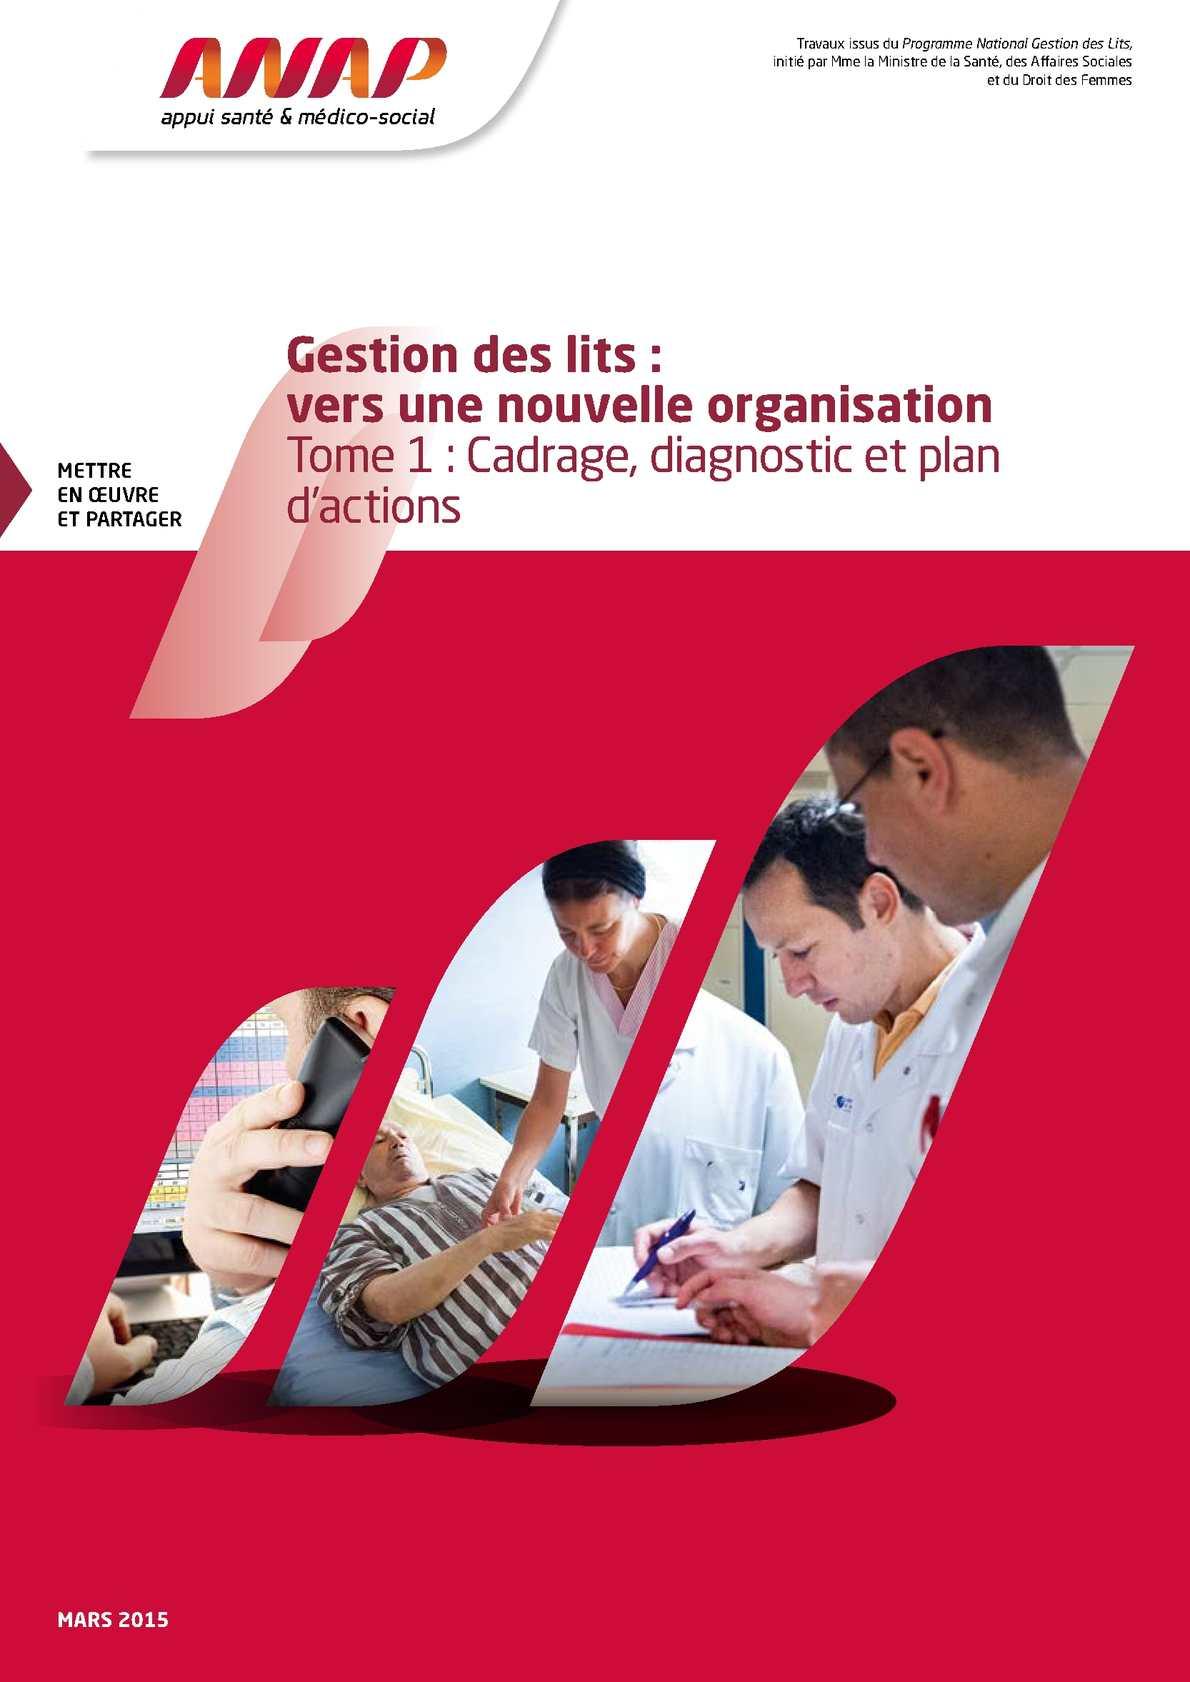 Gestion_des_lits_vers_une_nouvelle_organisation_Tome_1_Cadrage_diagnostic_et_plan_d_actions